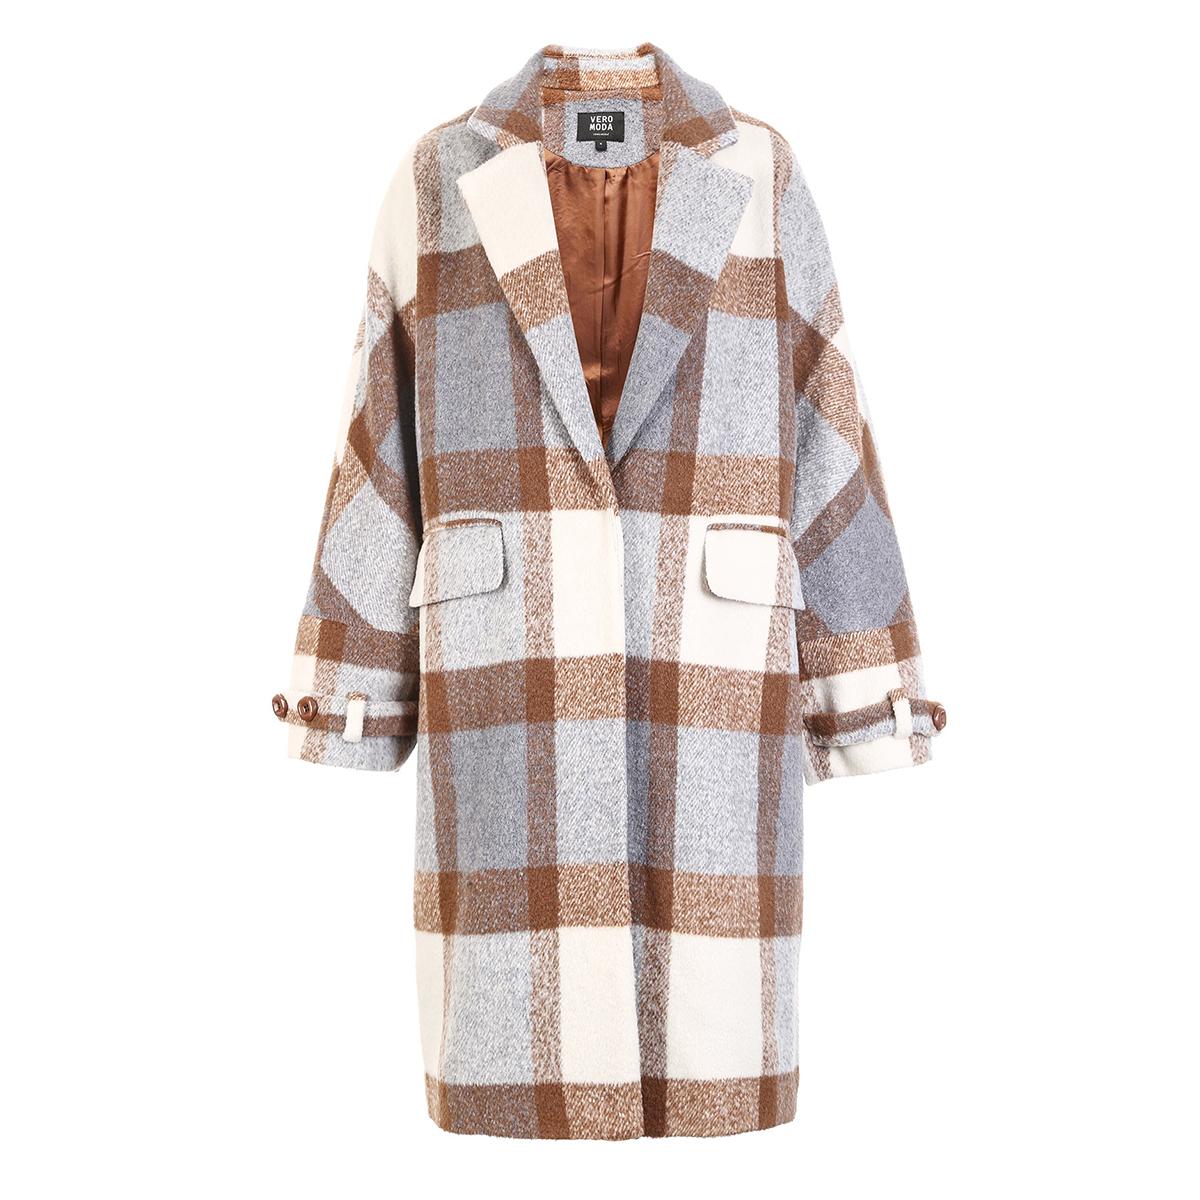 VeroModa  女士 格纹中长款 毛呢大衣157.5元(需凑单)